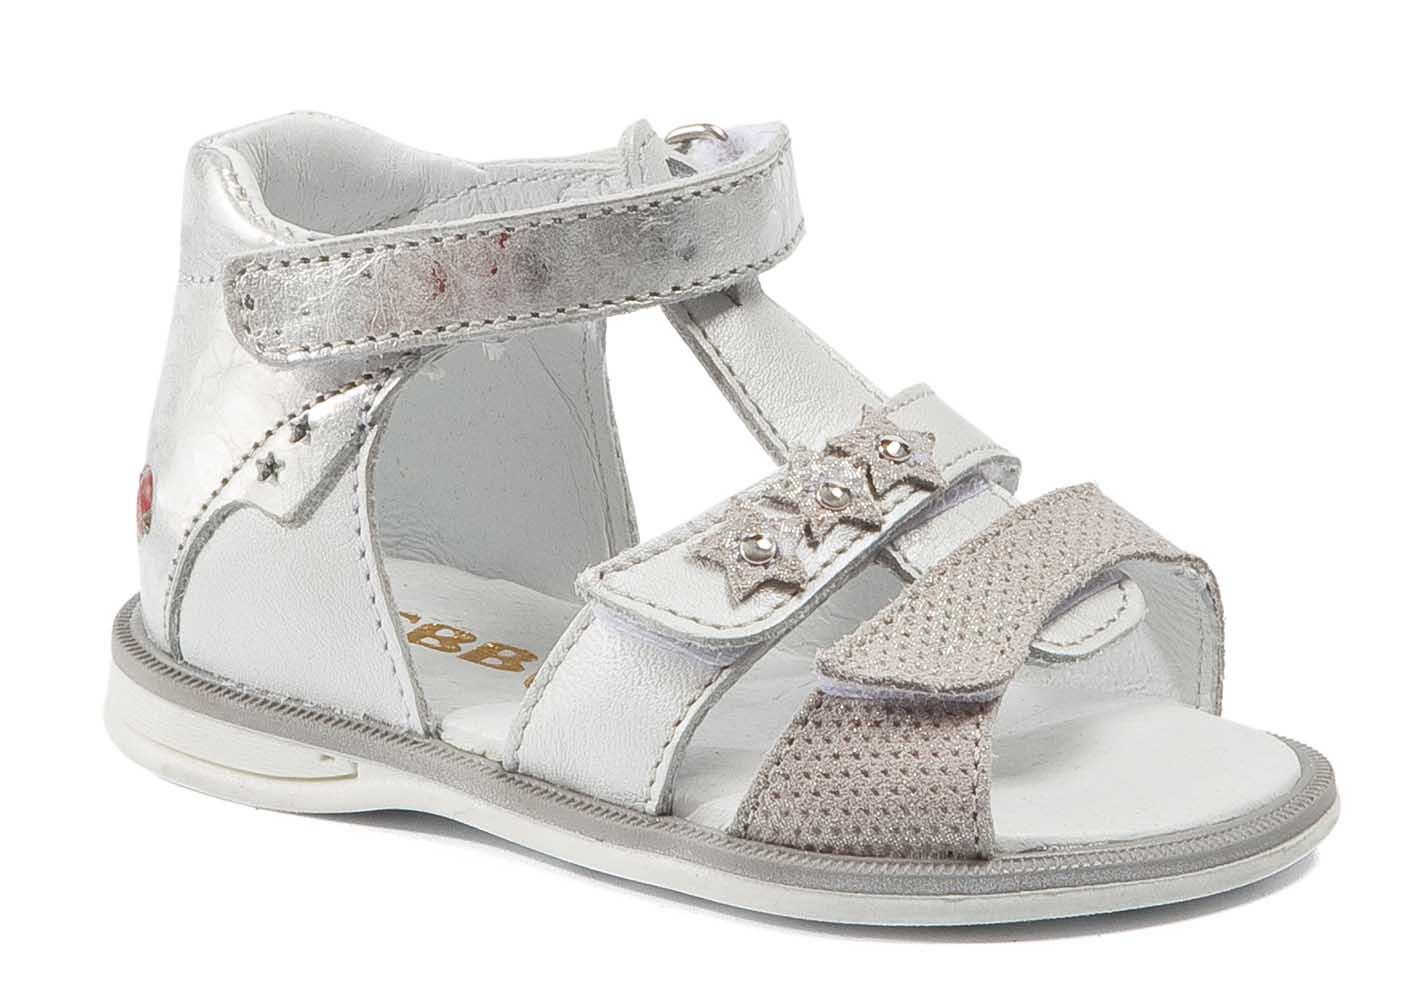 d5b194468b3f6 Gbb   chaussure enfant nu pied blanc argent ouvert devant velcros